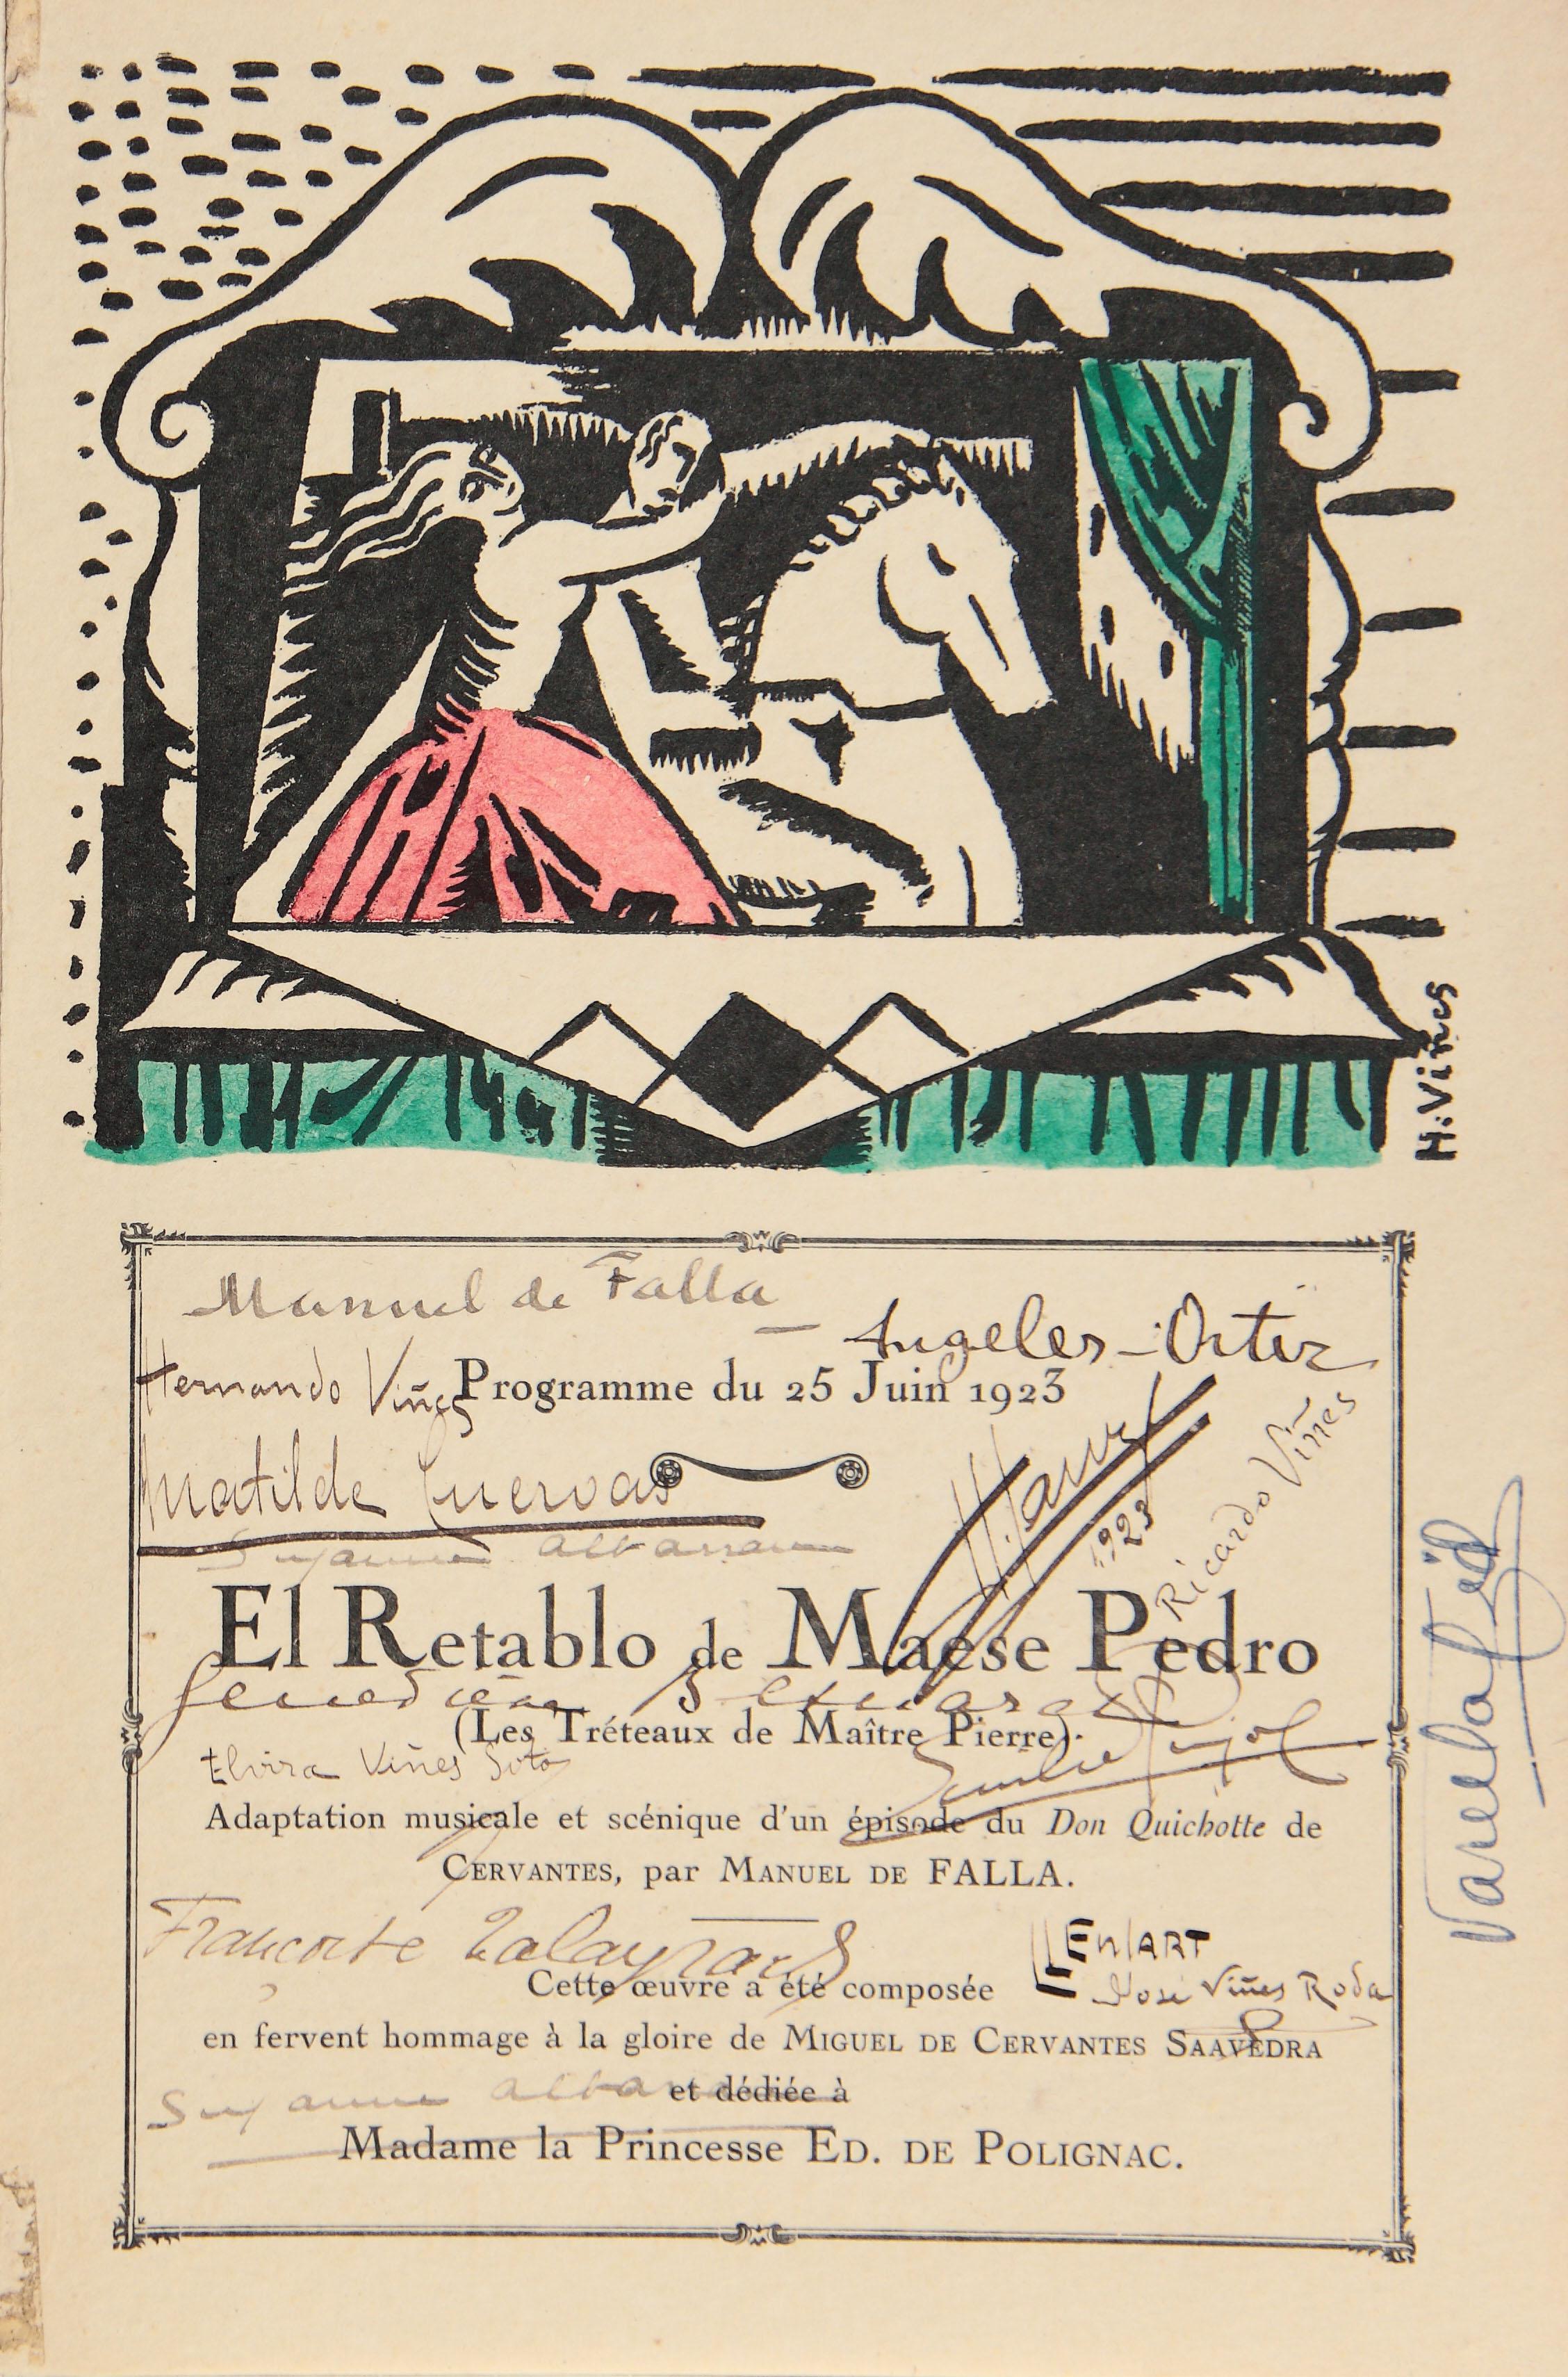 0: 90 aniversario de El retablo de maese Pedro, París 1923, Granada 2013